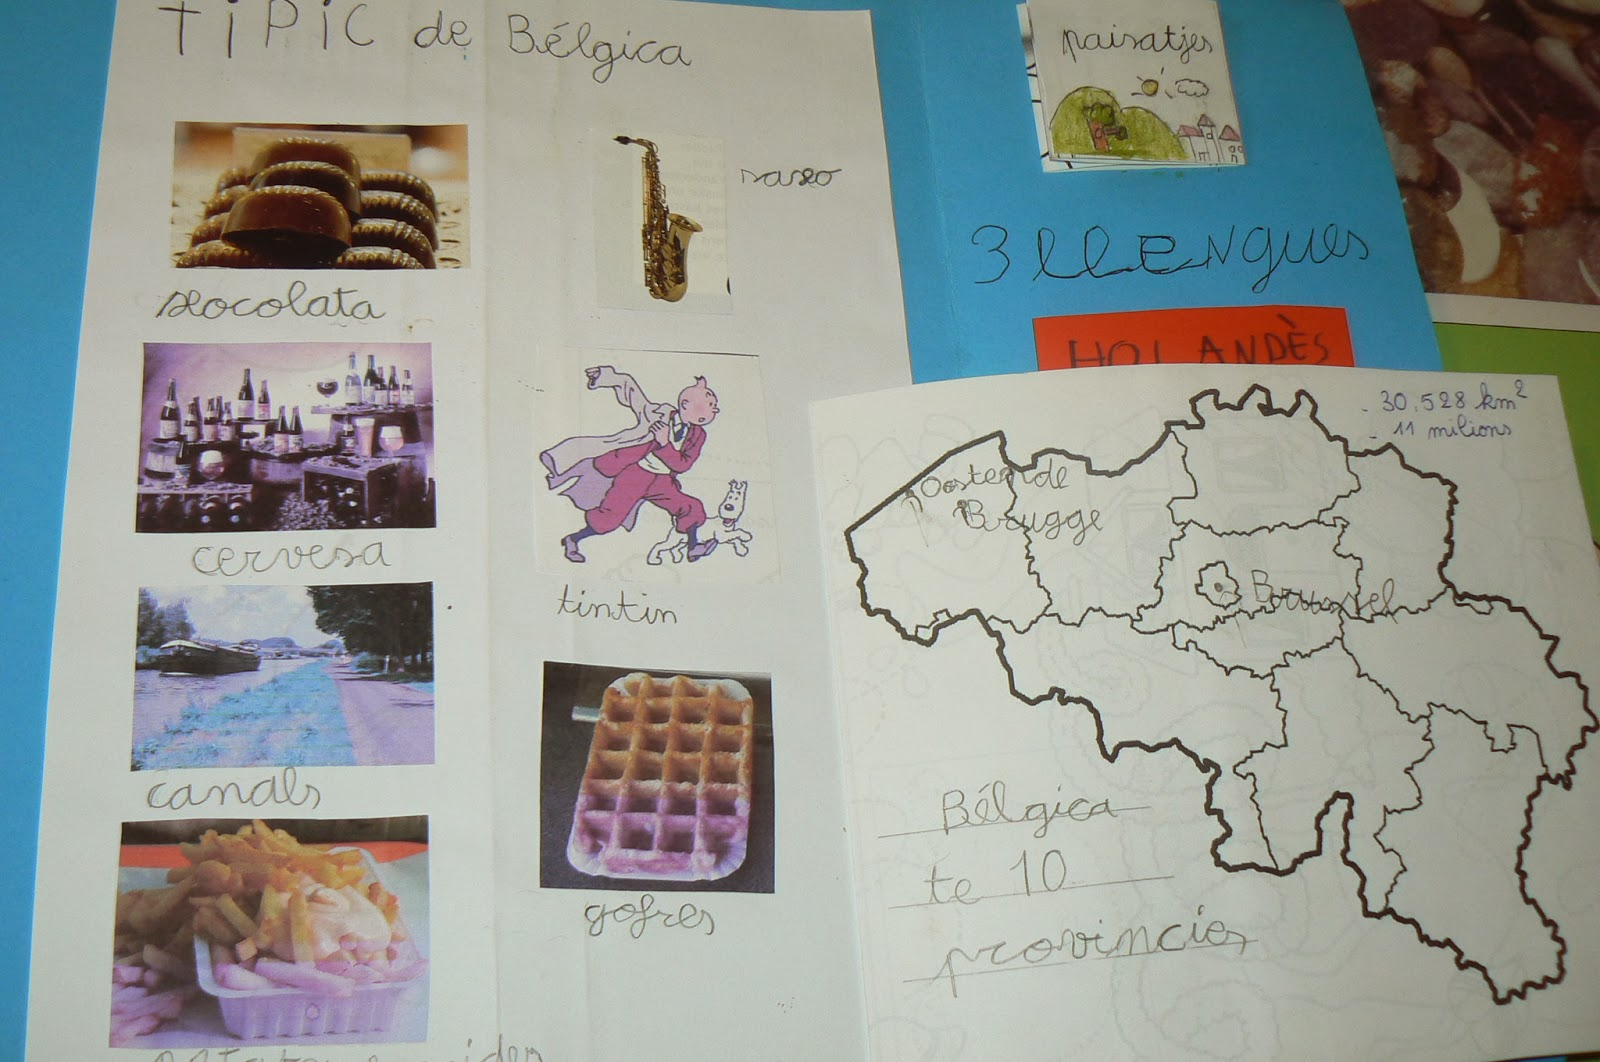 Orca Observar Recordar Crecer Y Aprender Libreta De Dibujo: Orca: Observar, Recordar, Crecer Y Aprender: Lapbook Bélgica